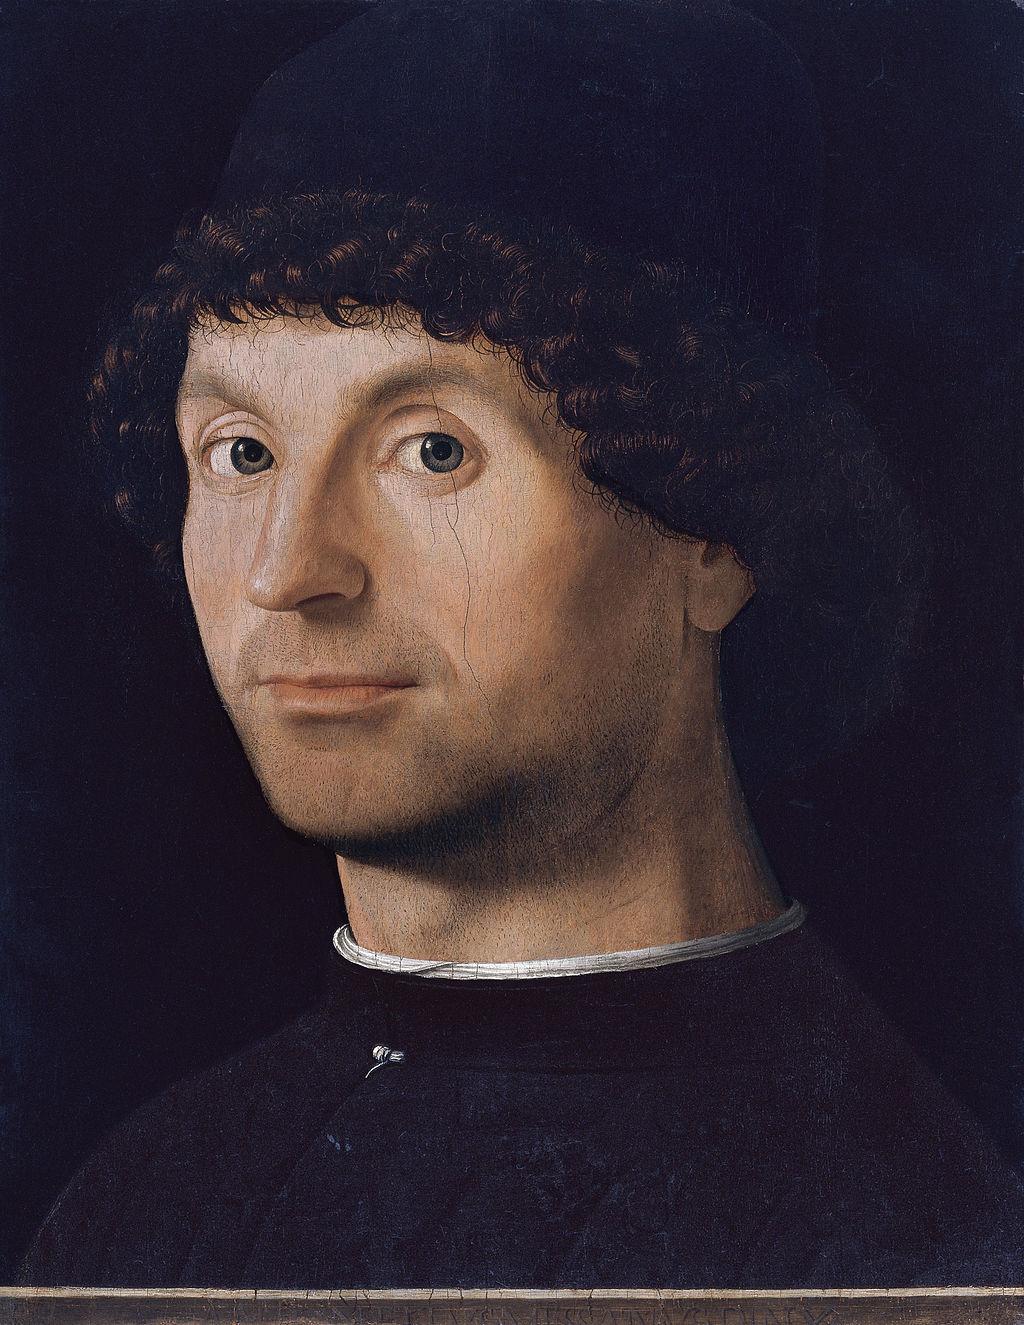 Antonello da Messina (1430–1479), Ritratto di giovane, 1475-1476 circa, olio su tavoletta incollata su compensato, 27,5×21 cm, Madrid, Museo Thyssen-Bornemisza